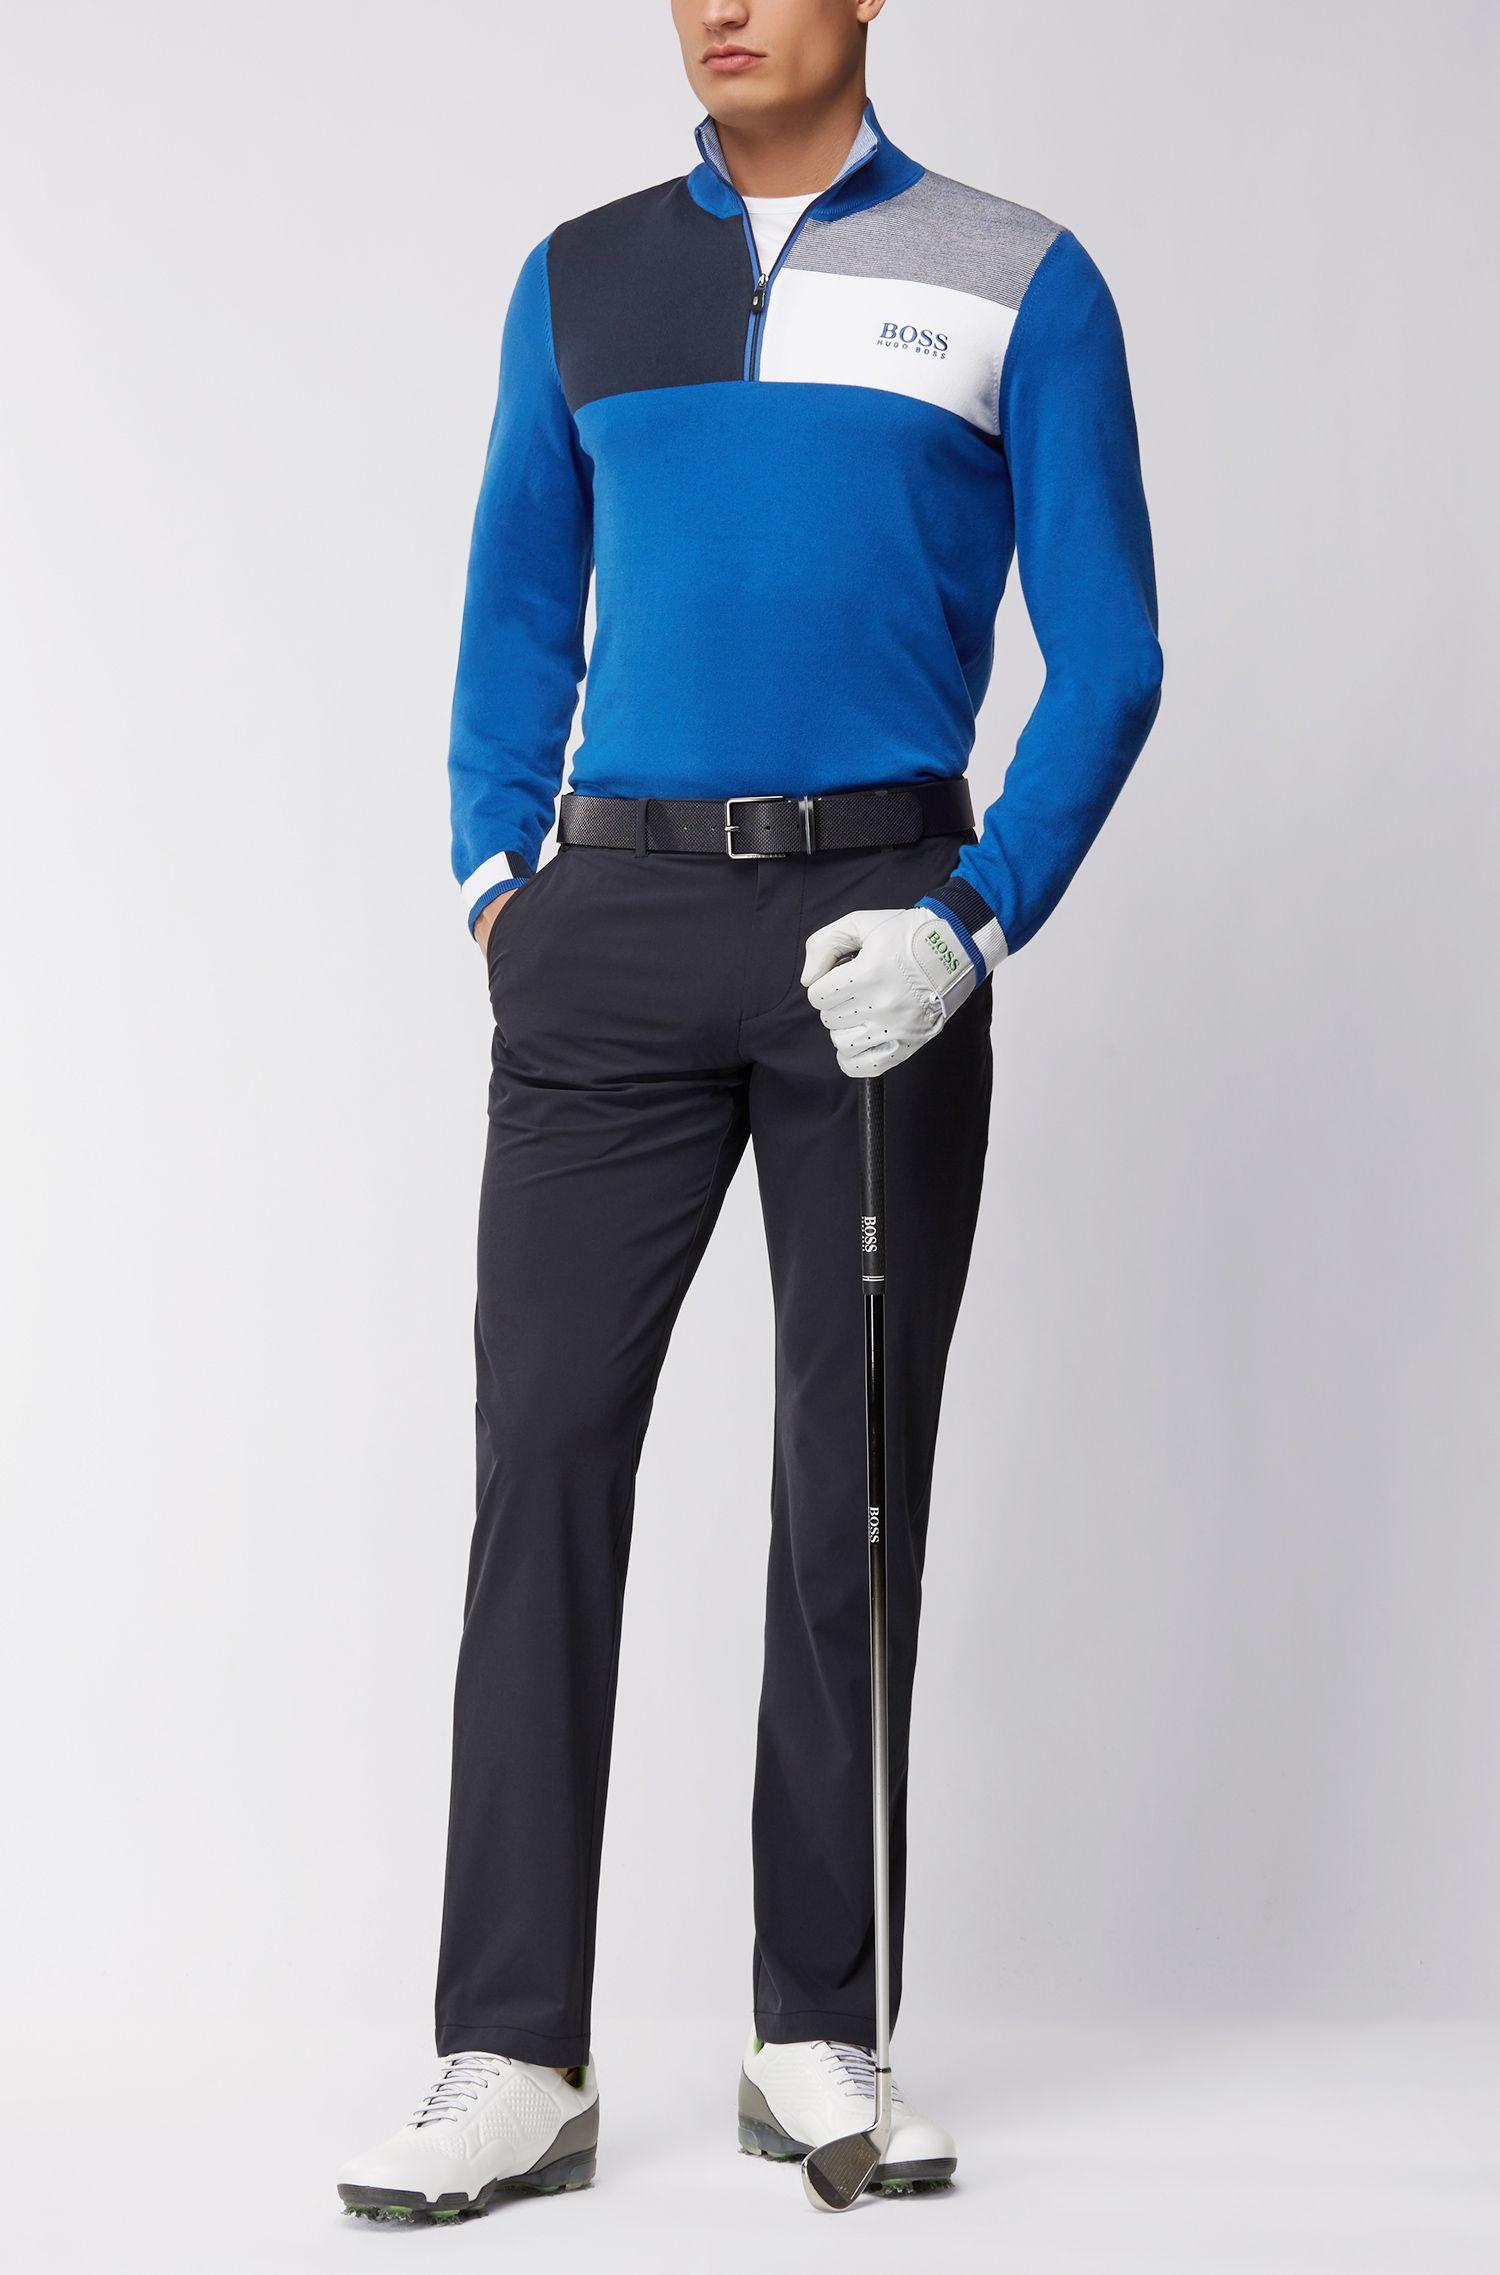 Pullover aus Baumwoll-Mix mit Troyer-Kragen aus der Professional Golf Collection